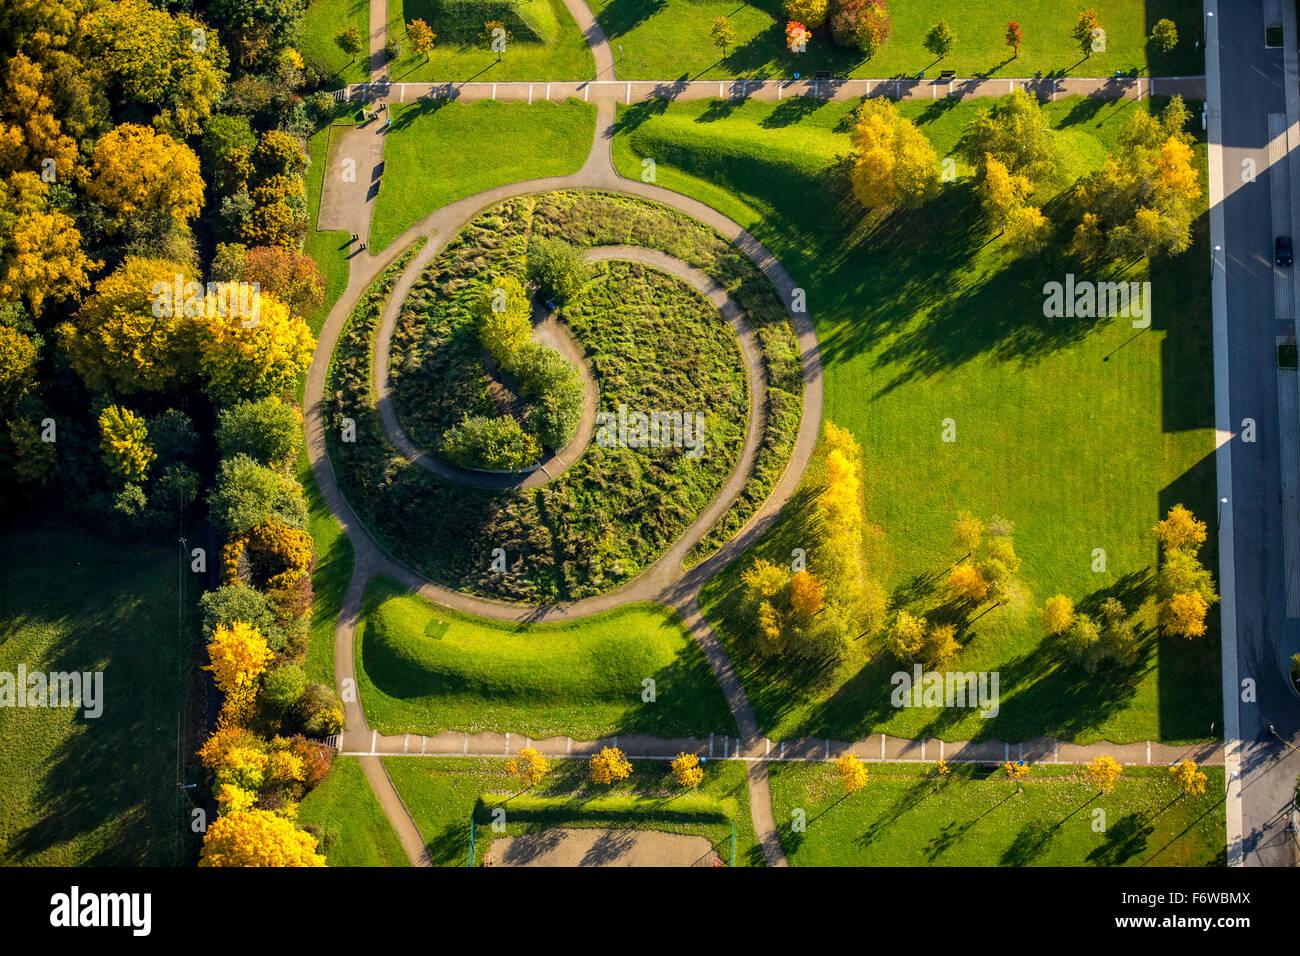 Ying yang segno, altezza Dilldorfer Kupferdreh, giardino, landmark, Essen, la zona della Ruhr, Renania settentrionale Immagini Stock